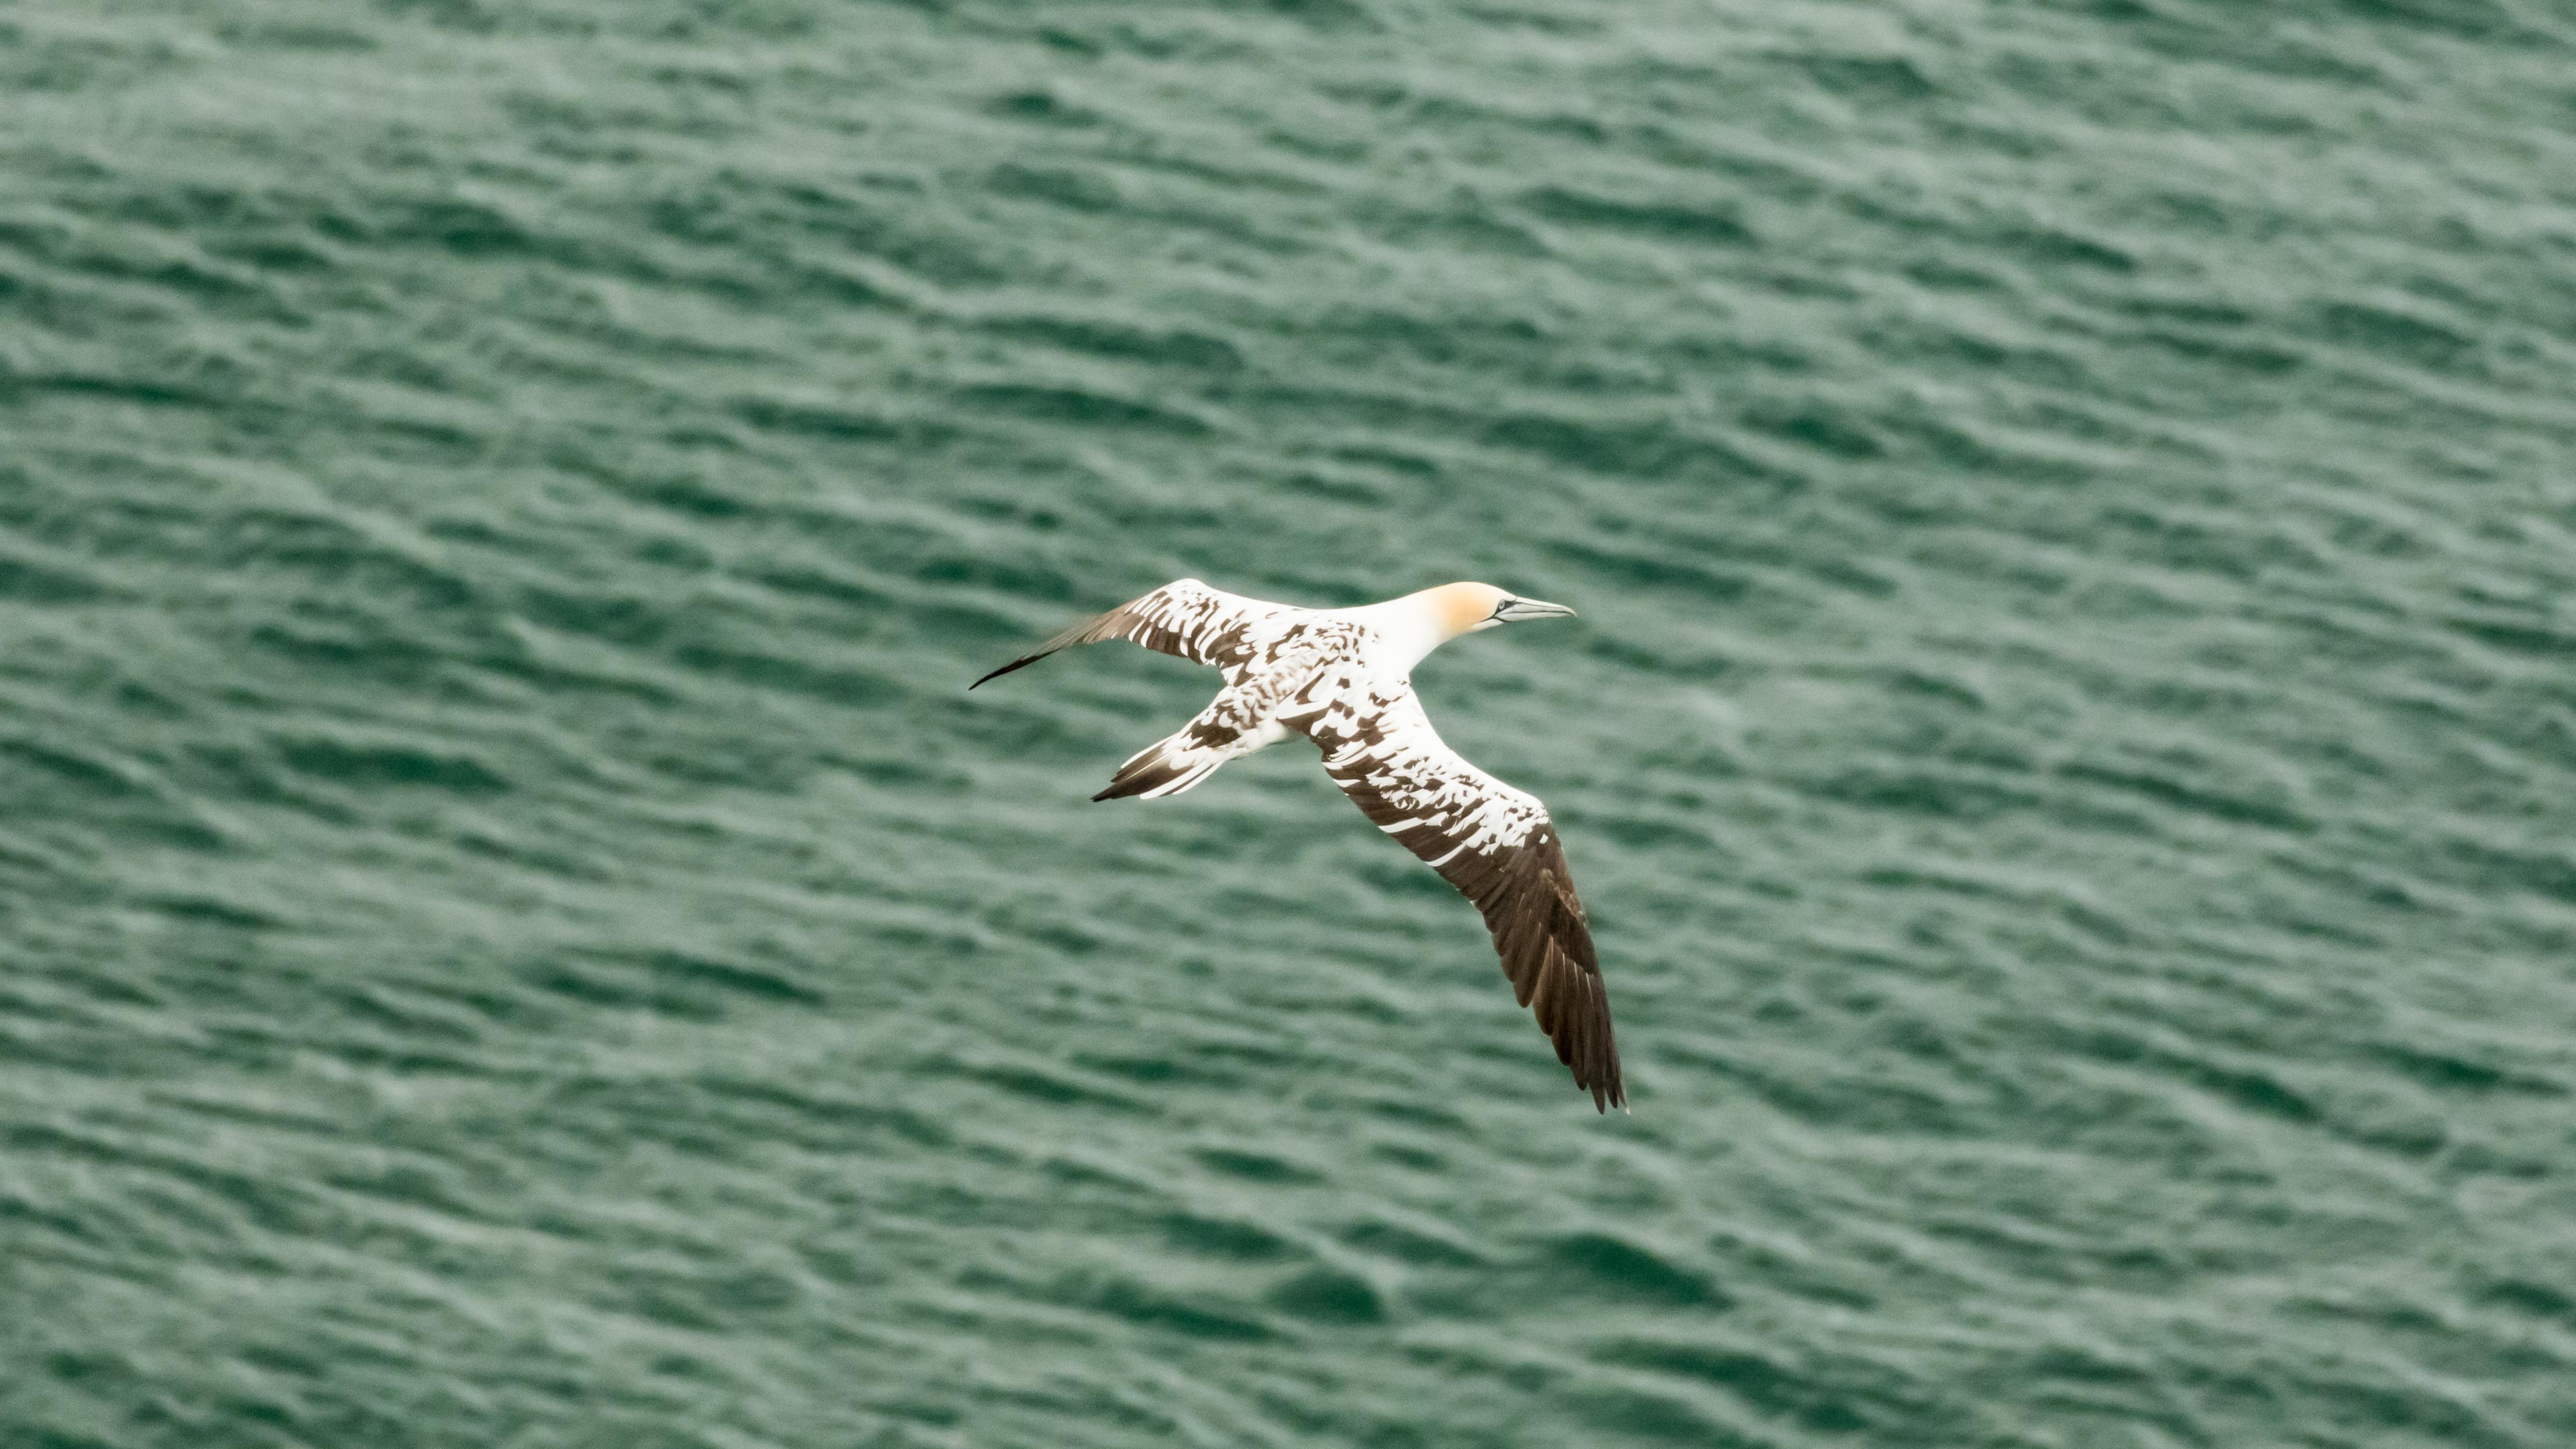 Spotted gannet  in flight